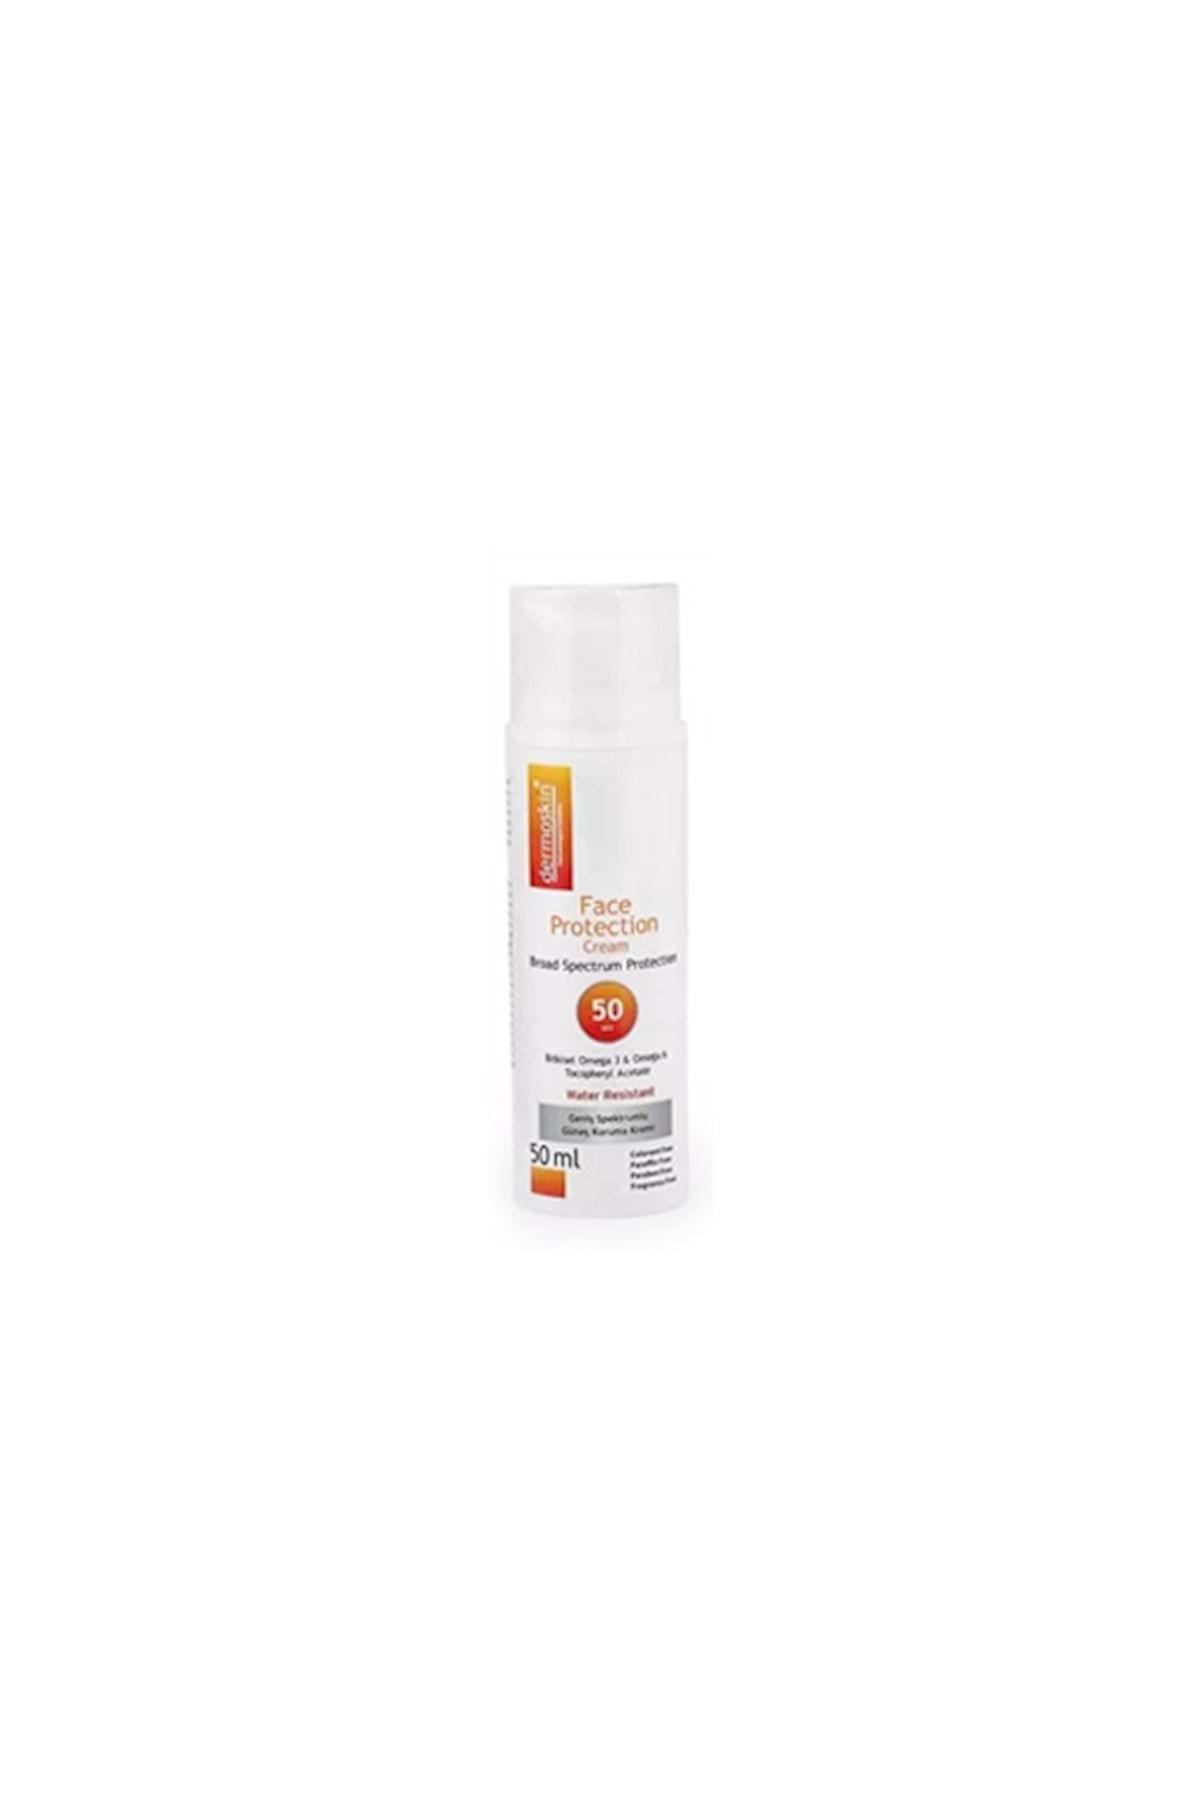 Dermoskin Face Protection Cream 50 spf 2